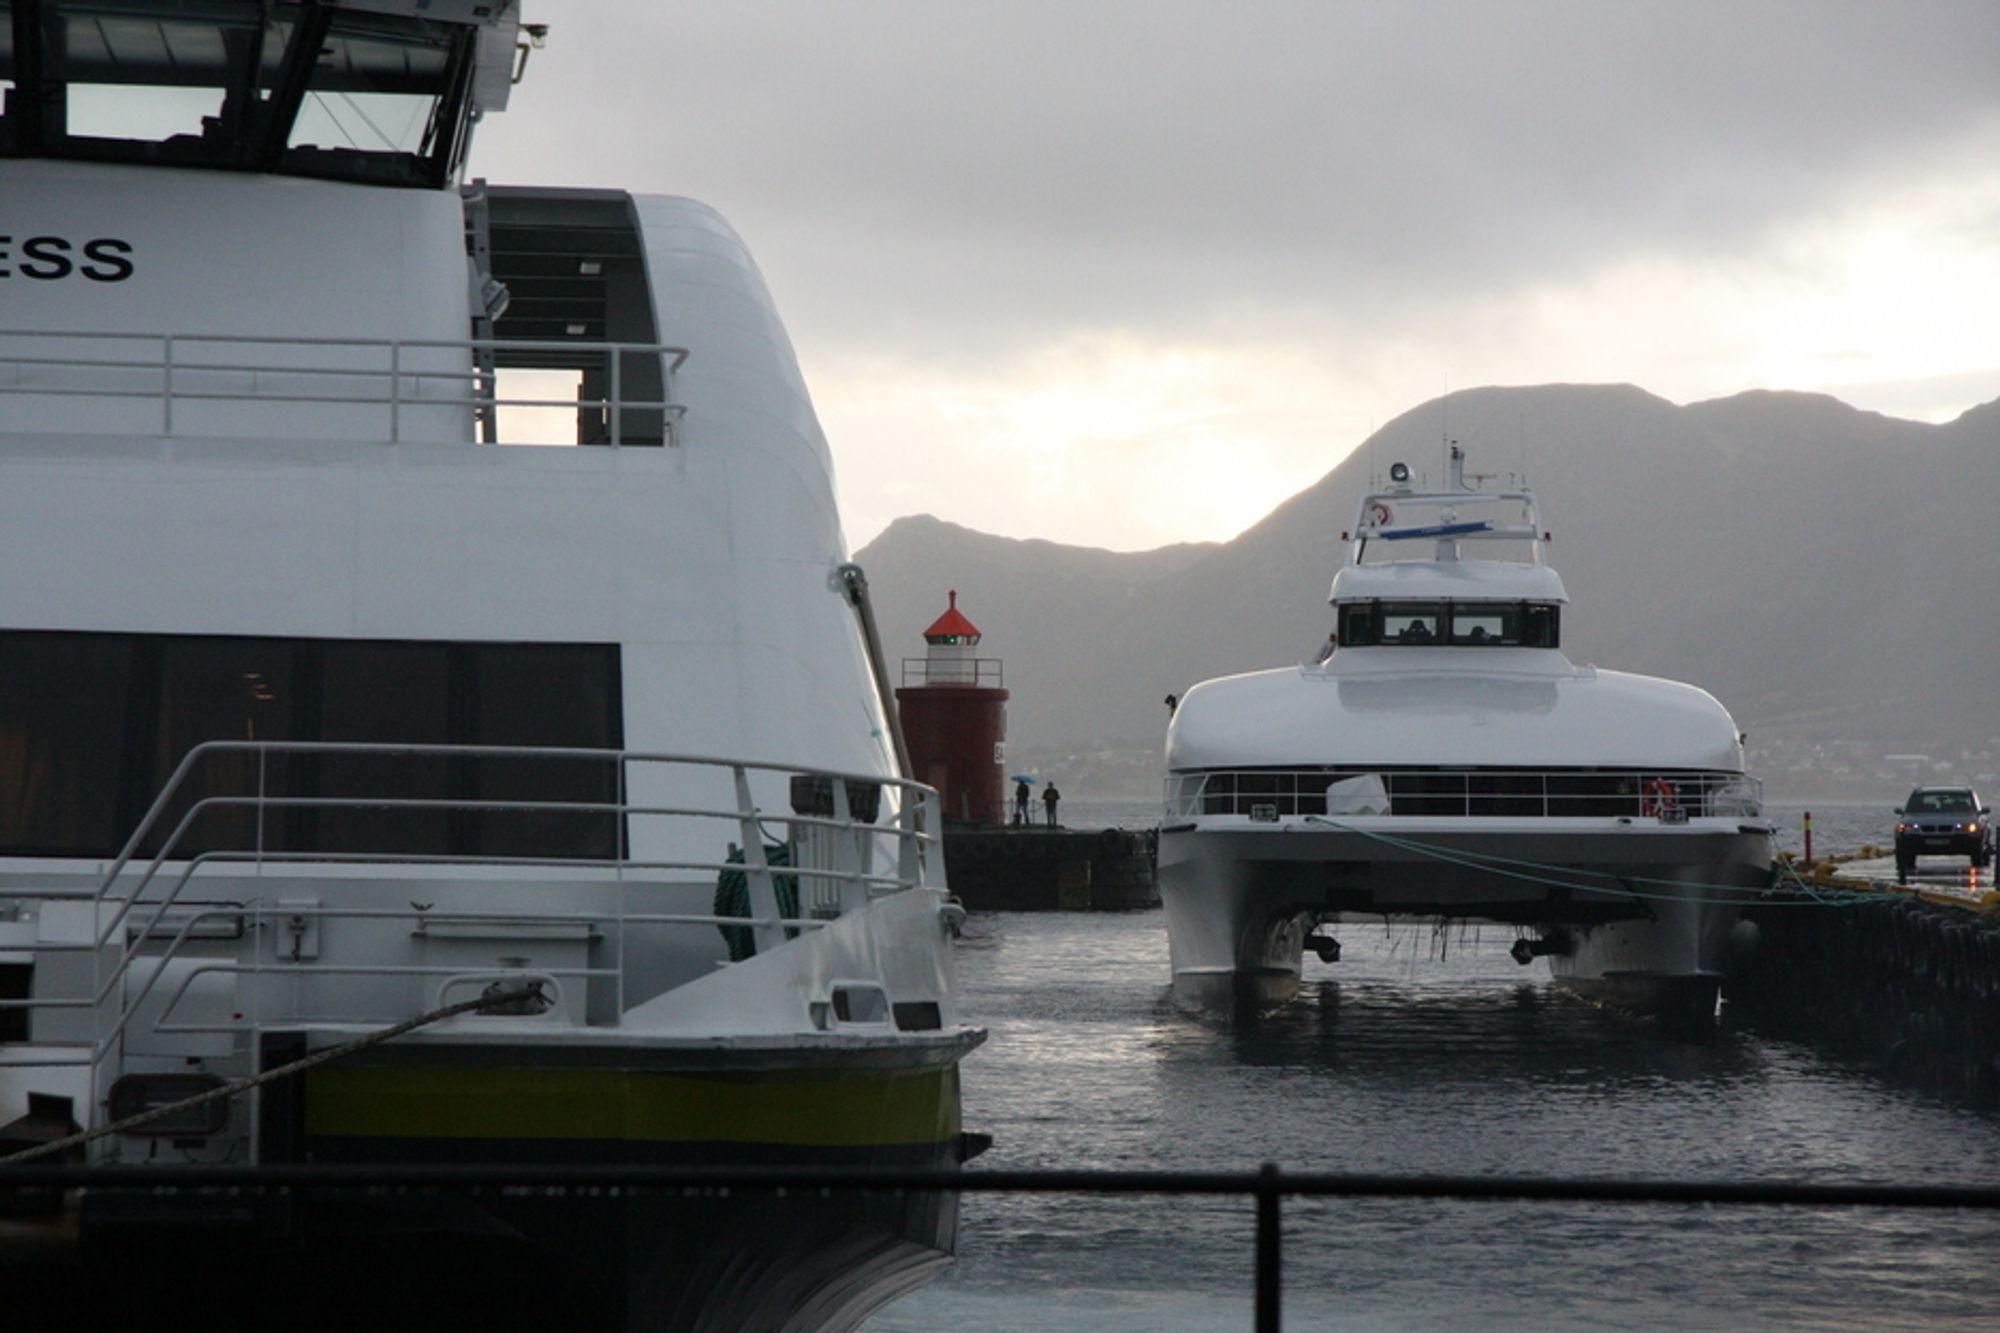 ALUMINIUM OG KARBON: Sollifjell ligger fortsatt ved kai i Ålesund, nesten ett år etter ulykken. En katamaran i aluminium i forgrunnen.